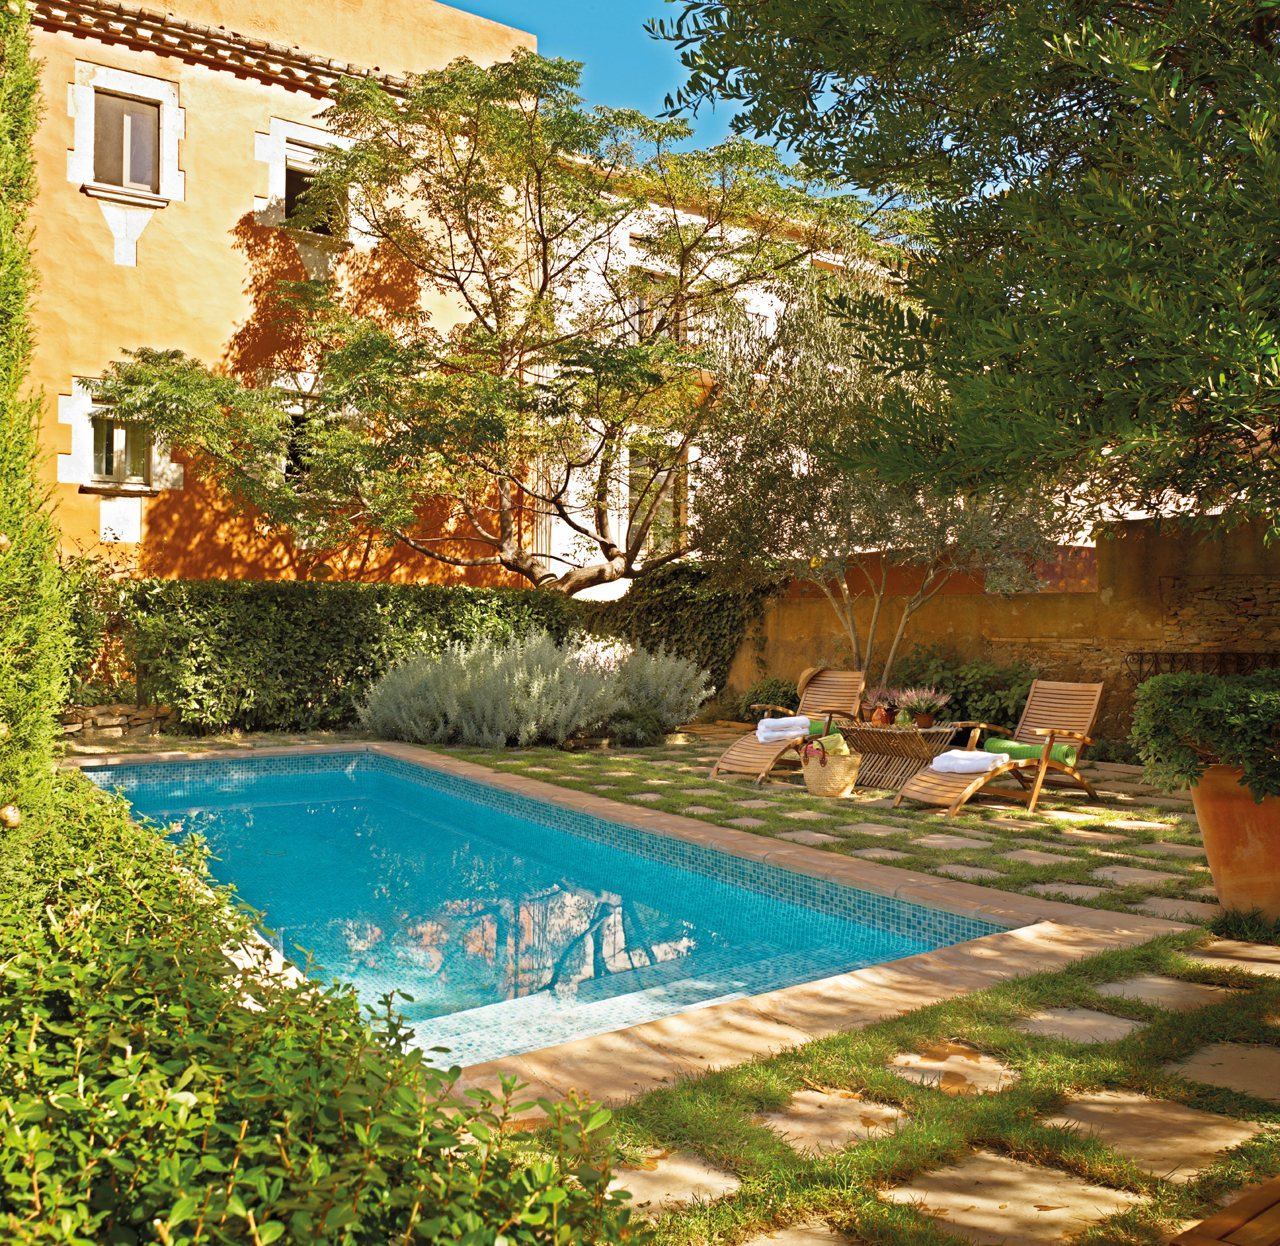 Una casita de pueblo con encanto r stico y un precioso patio for Piscina estructural grande oferta precio